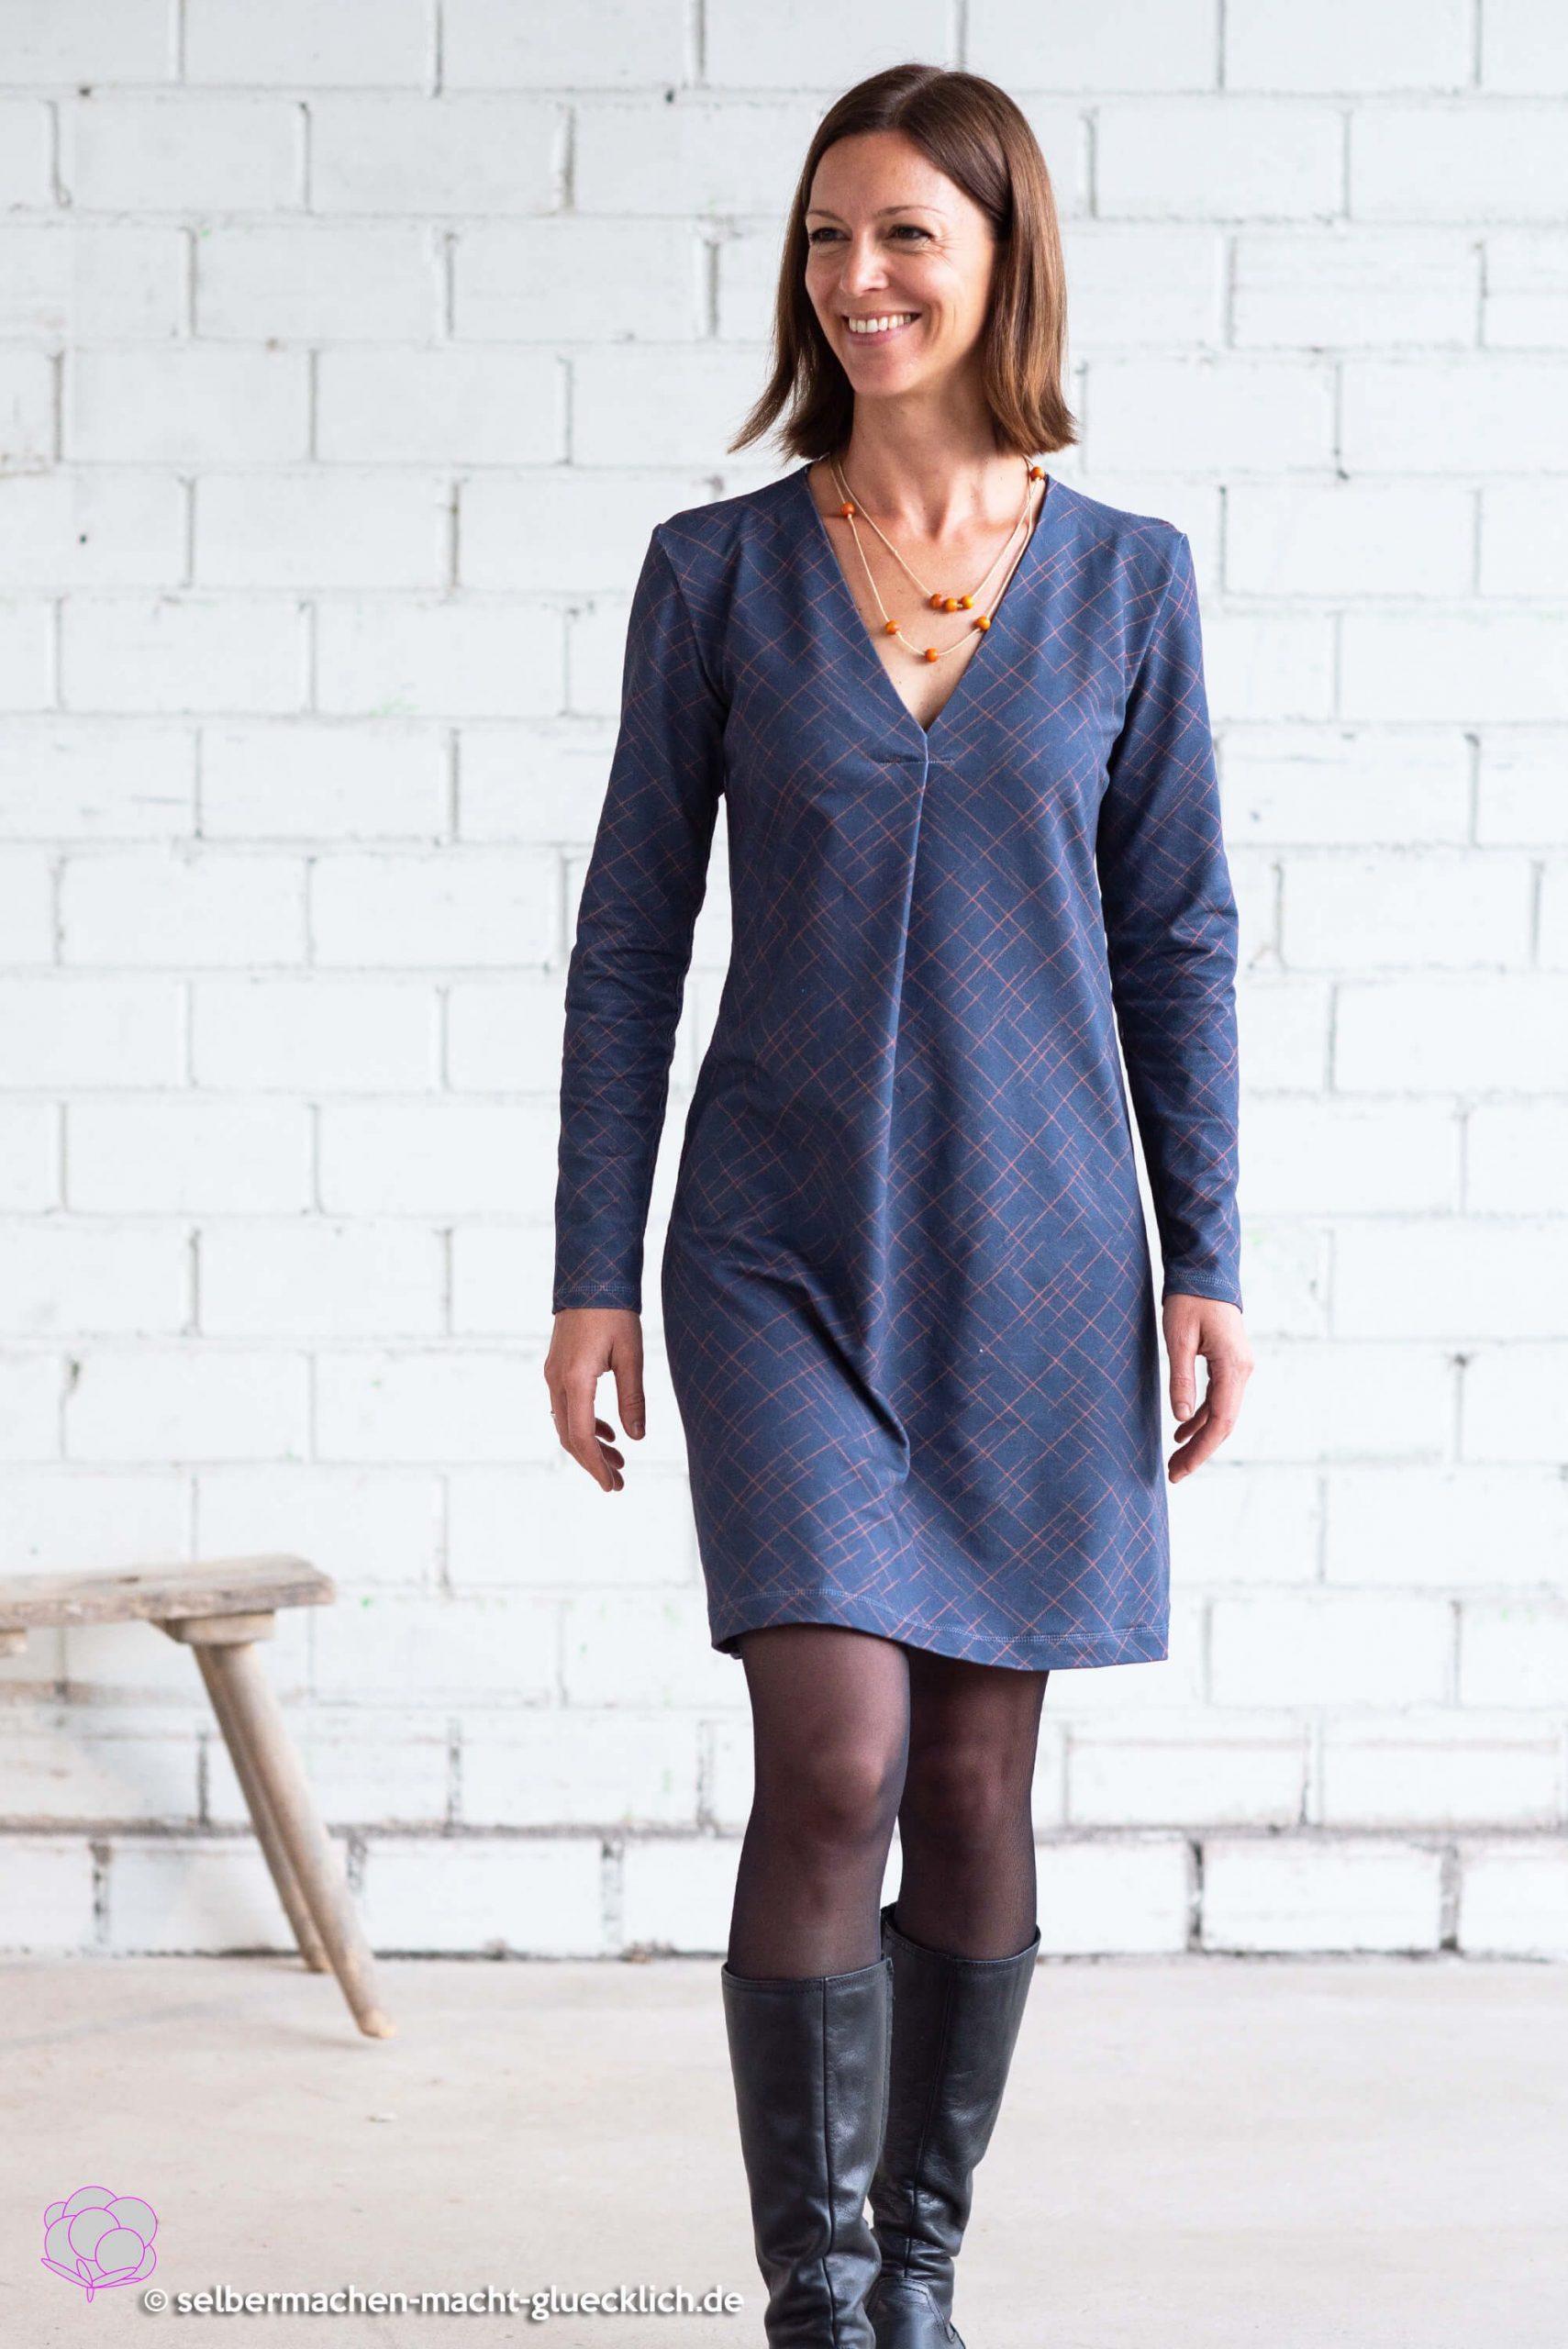 17 Schön Schöne Kleider Für Festliche Anlässe Design Einfach Schöne Kleider Für Festliche Anlässe Spezialgebiet